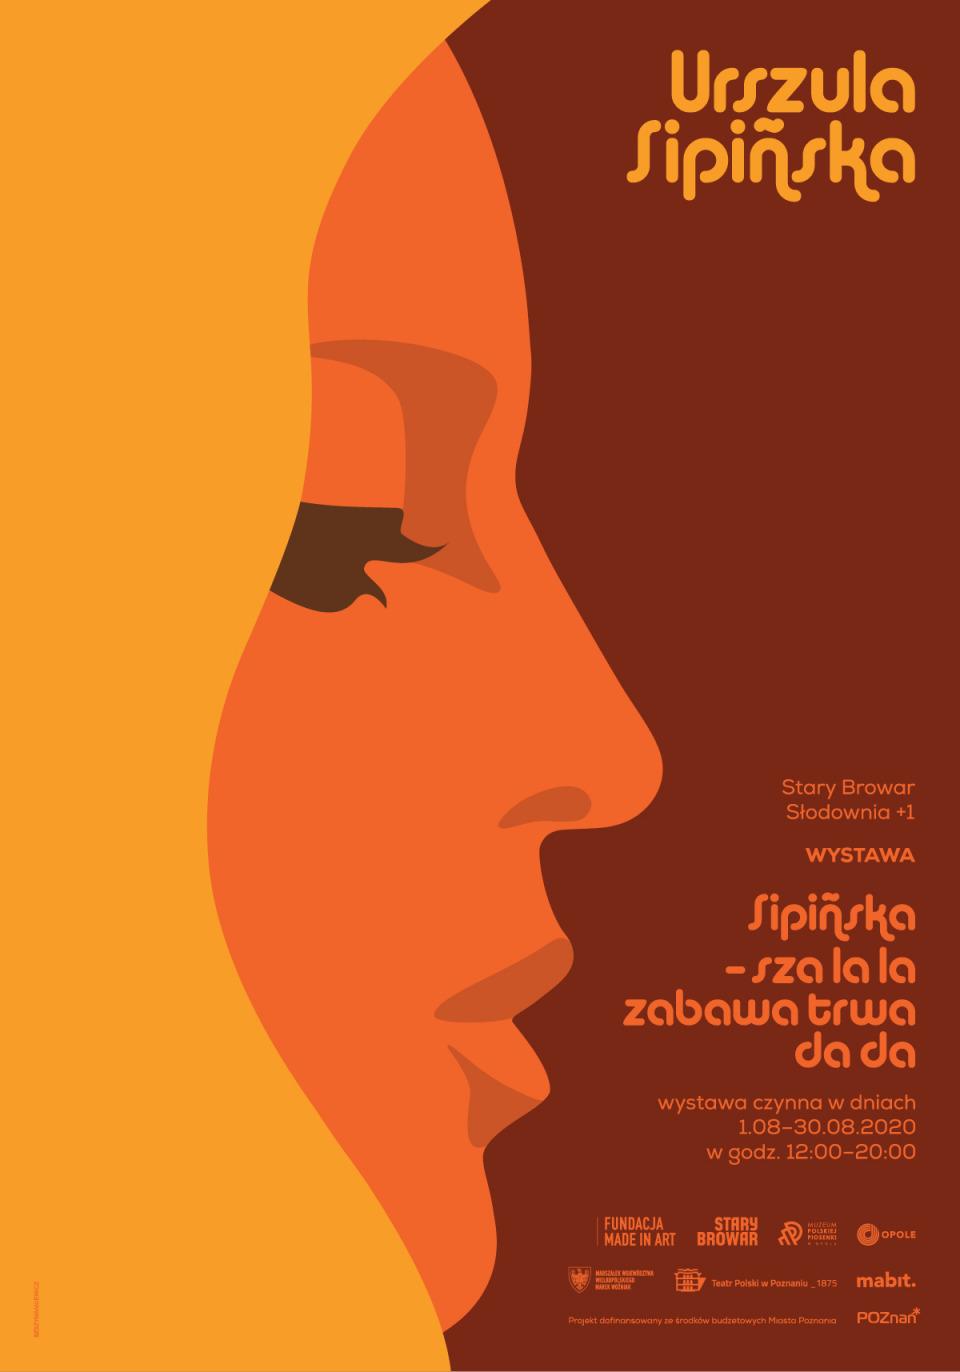 Fundacja Made In Art oraz Muzeum Polskiej Piosenki w Opolu zapraszają na wystawę